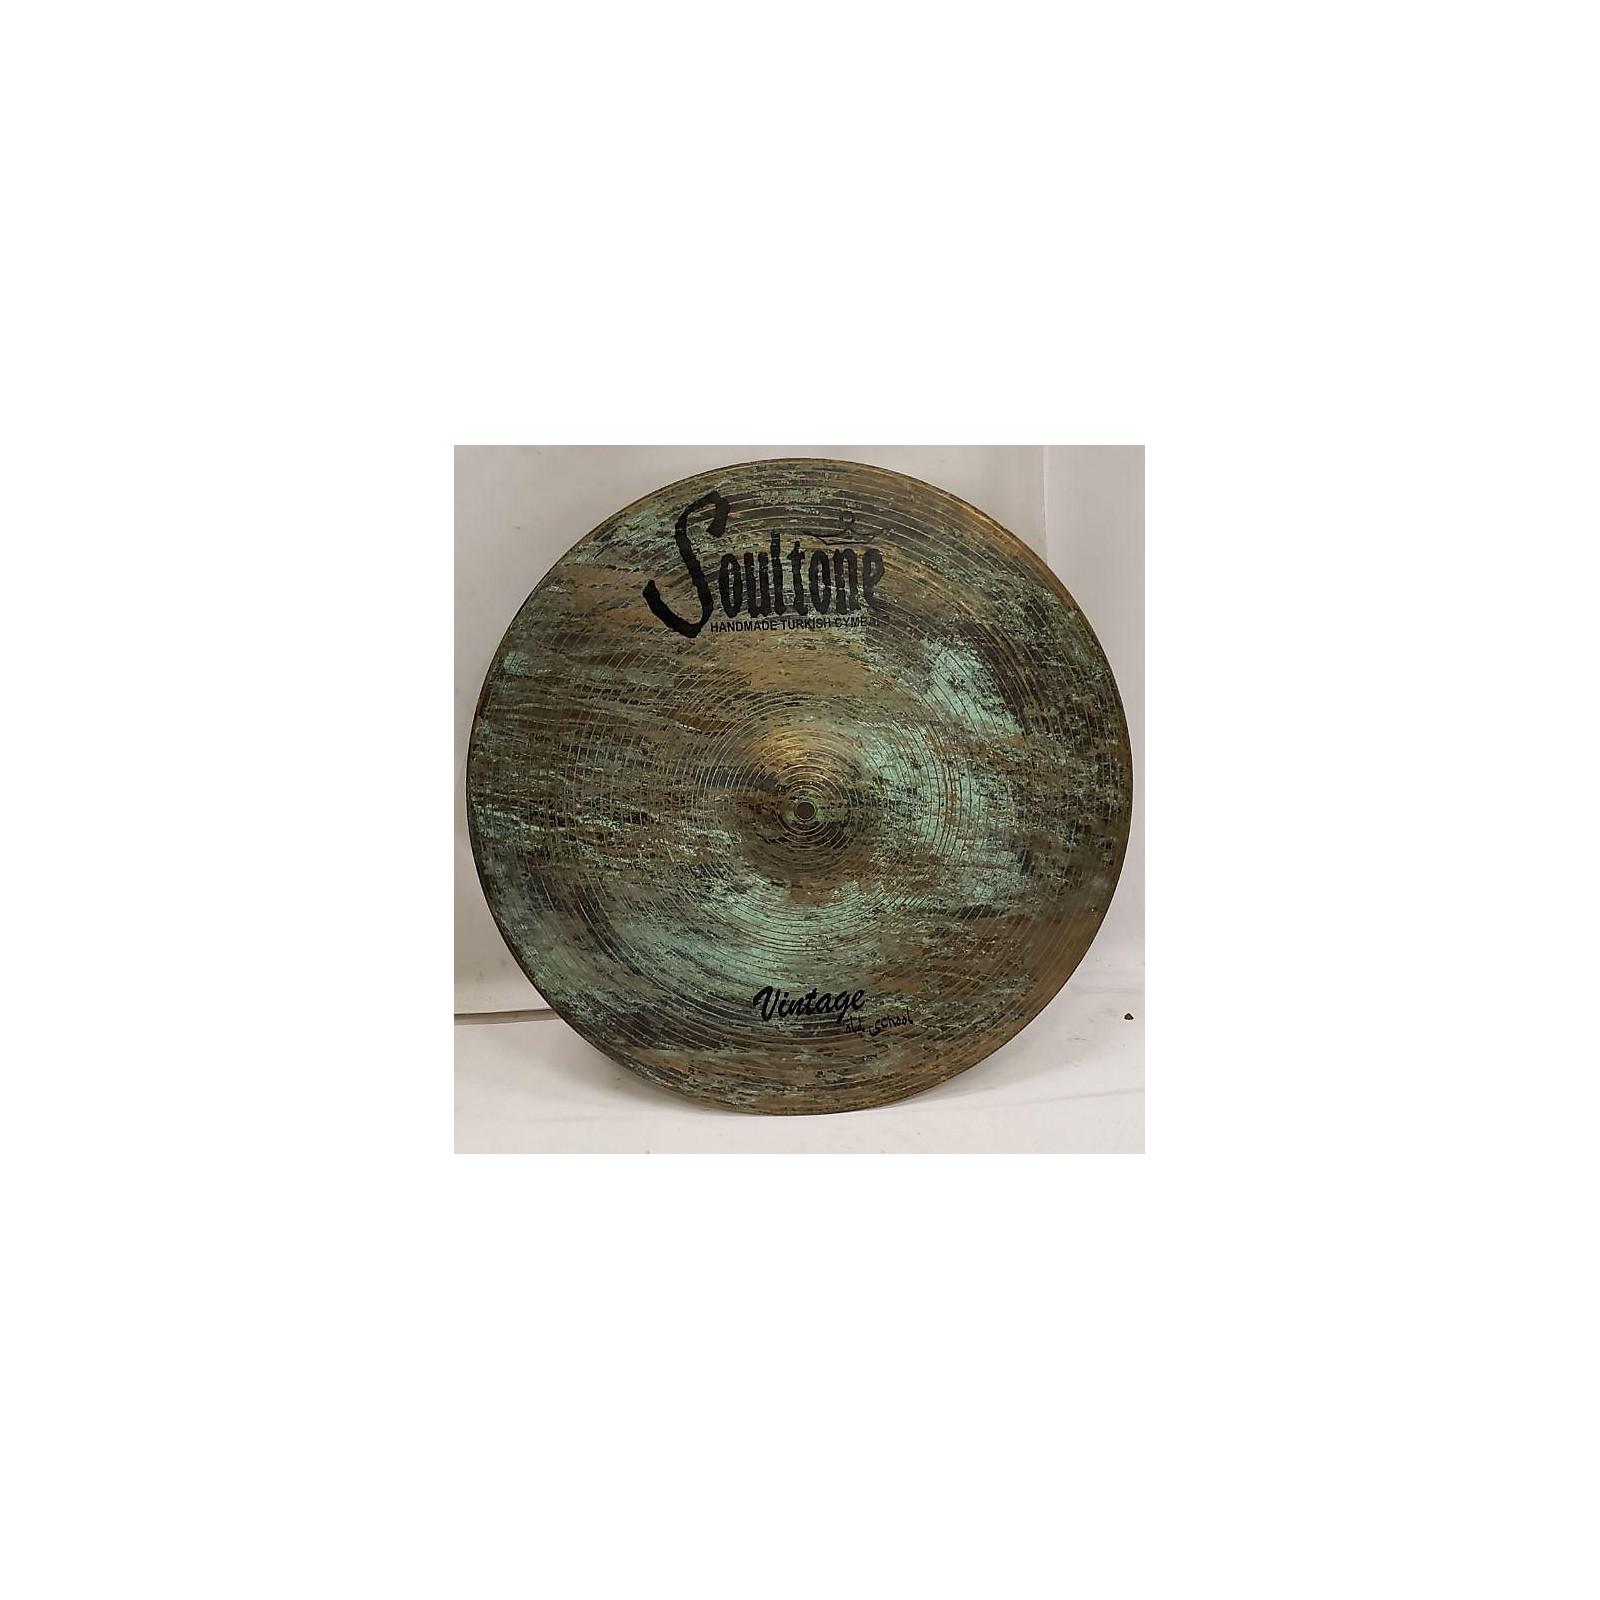 Soultone 19in Vintage Old School Cymbal